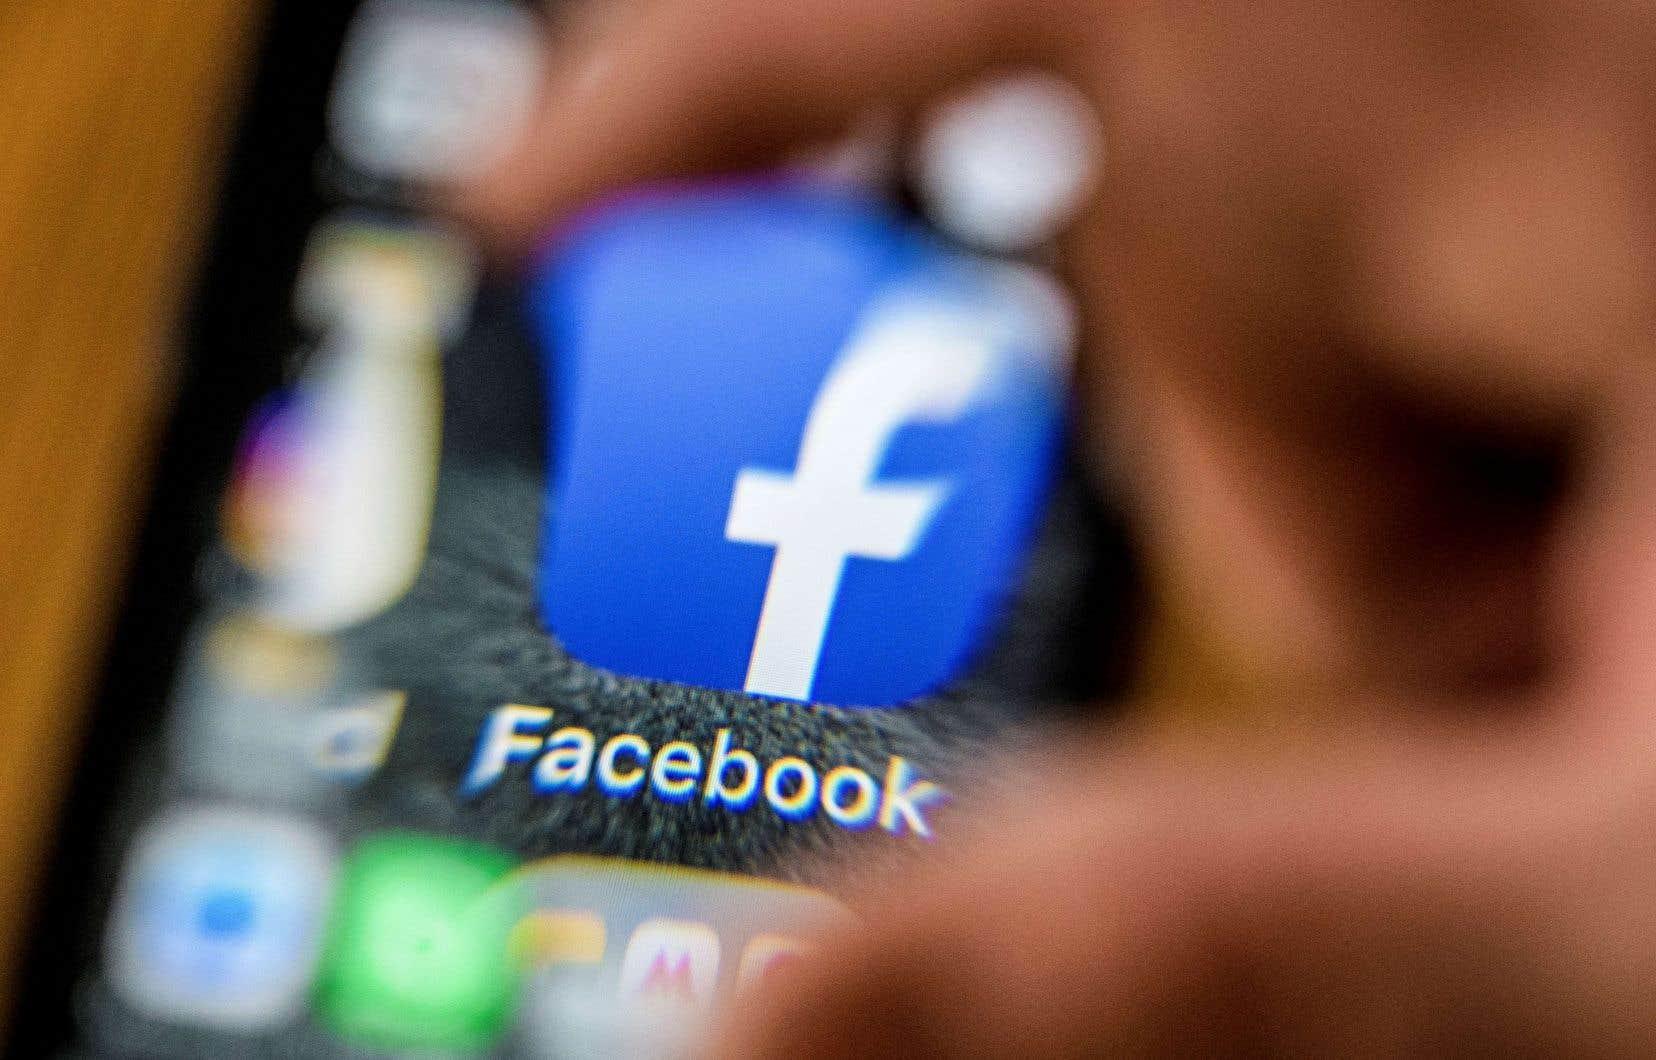 Après avoir bloqué la messagerie Telegram, Roskomnadzor a annoncé mercredi son intention «d'inspecter» Facebook d'ici la fin de l'année.